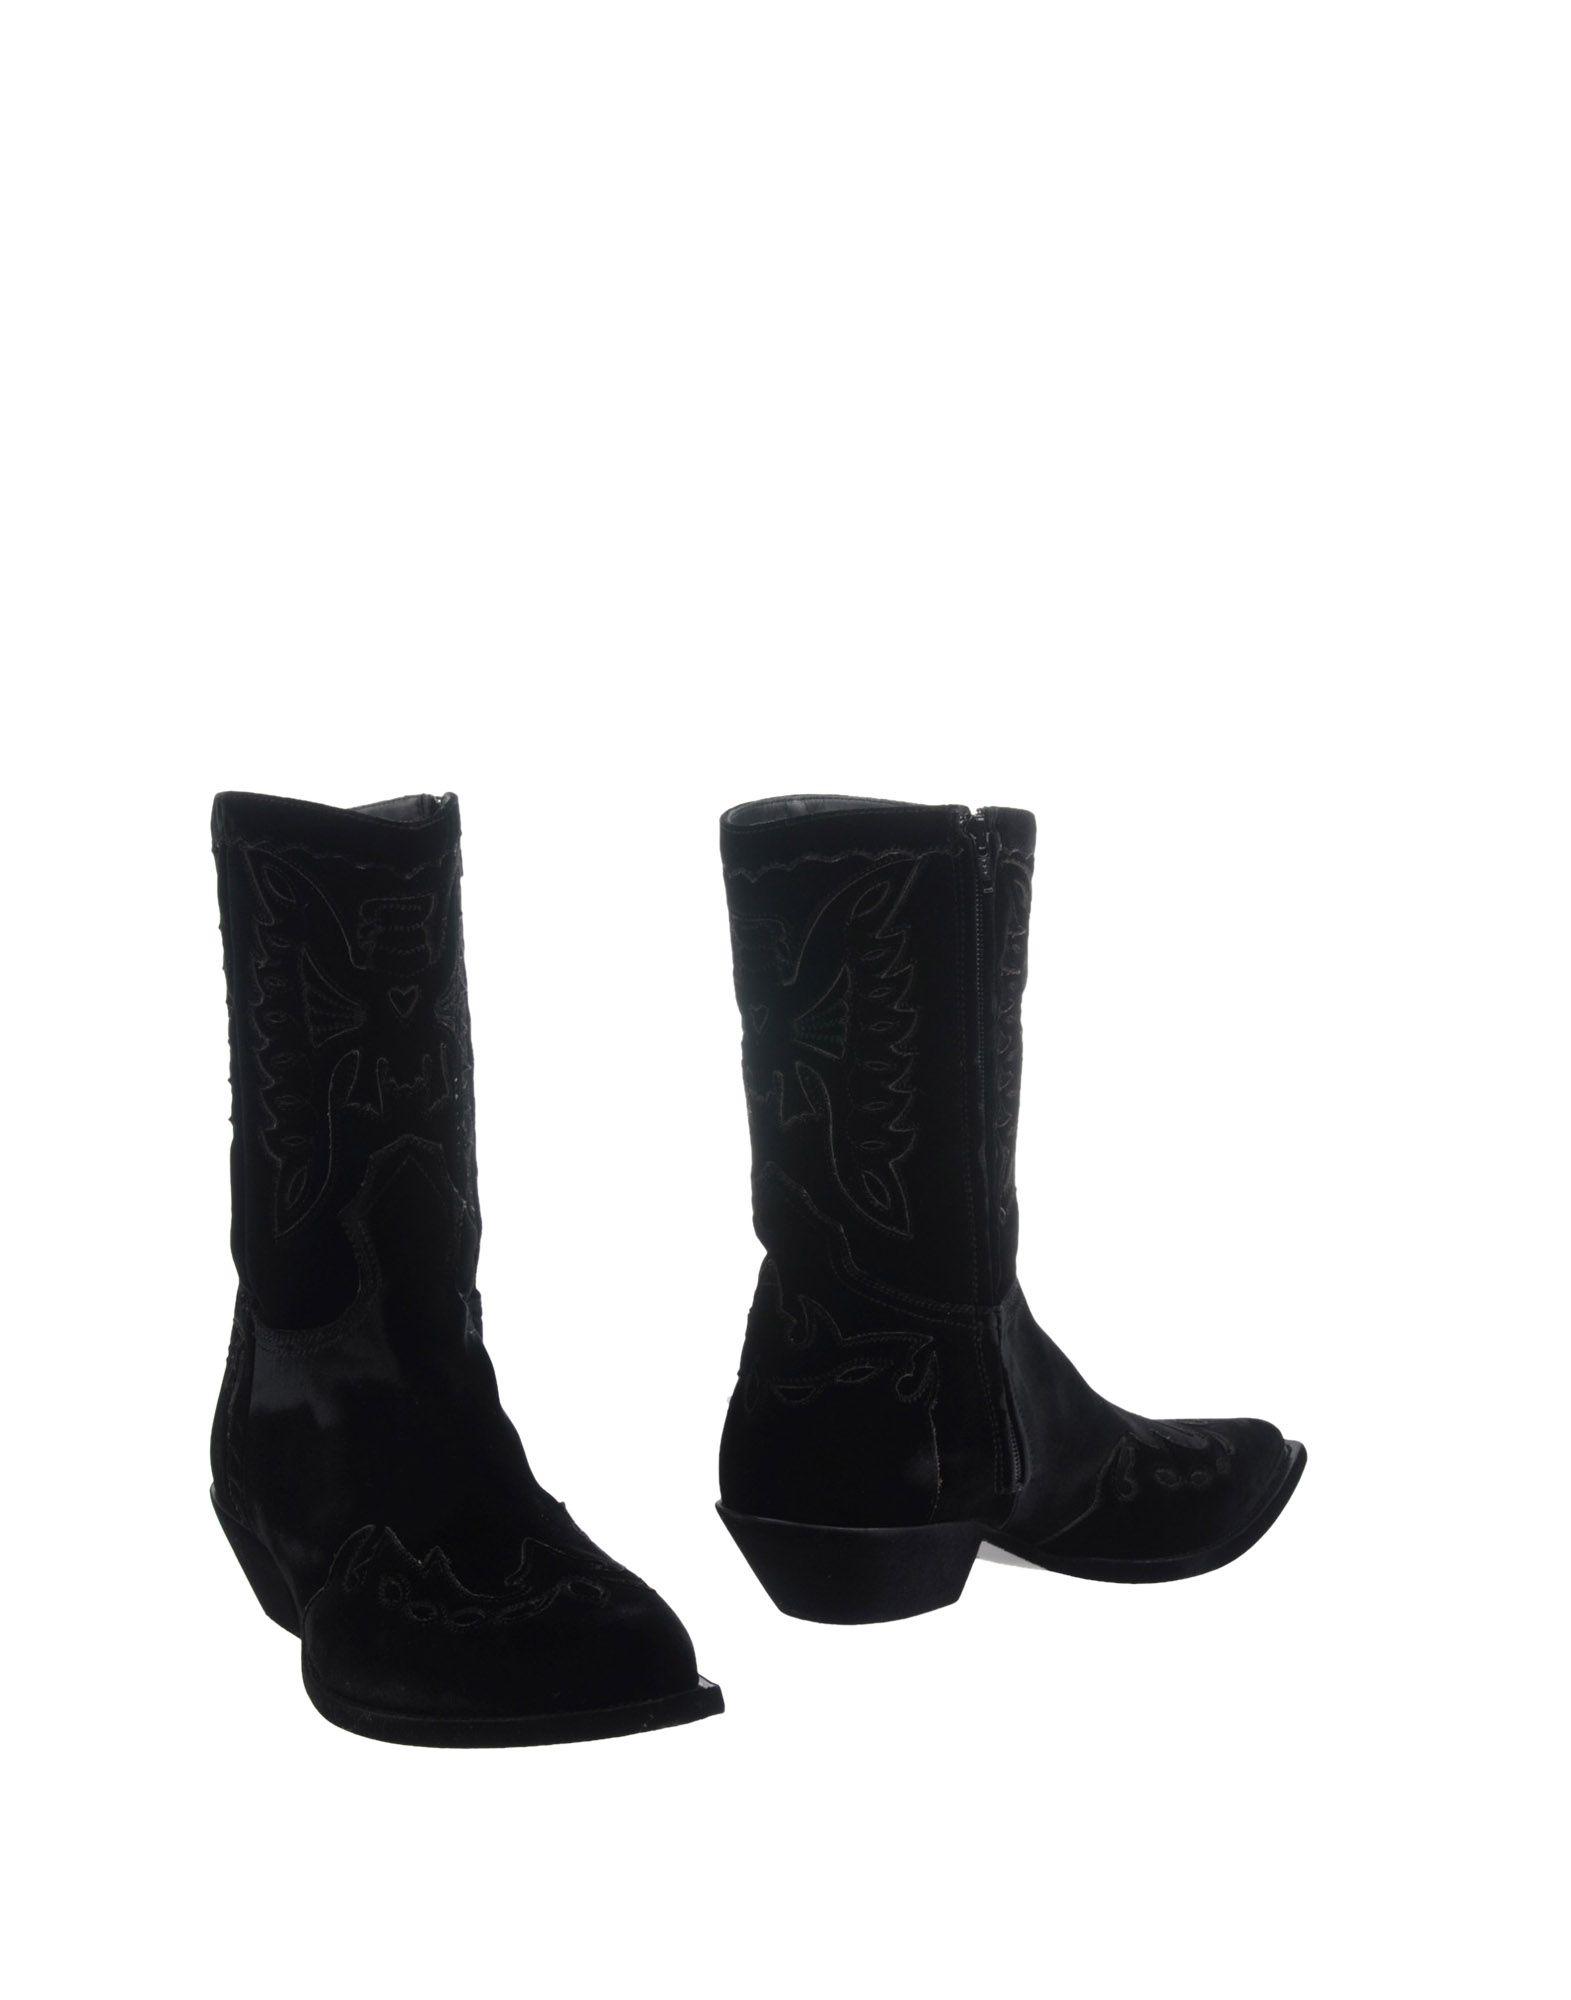 Givenchy Stiefelette Herren  11270326AI Gute Qualität beliebte Schuhe